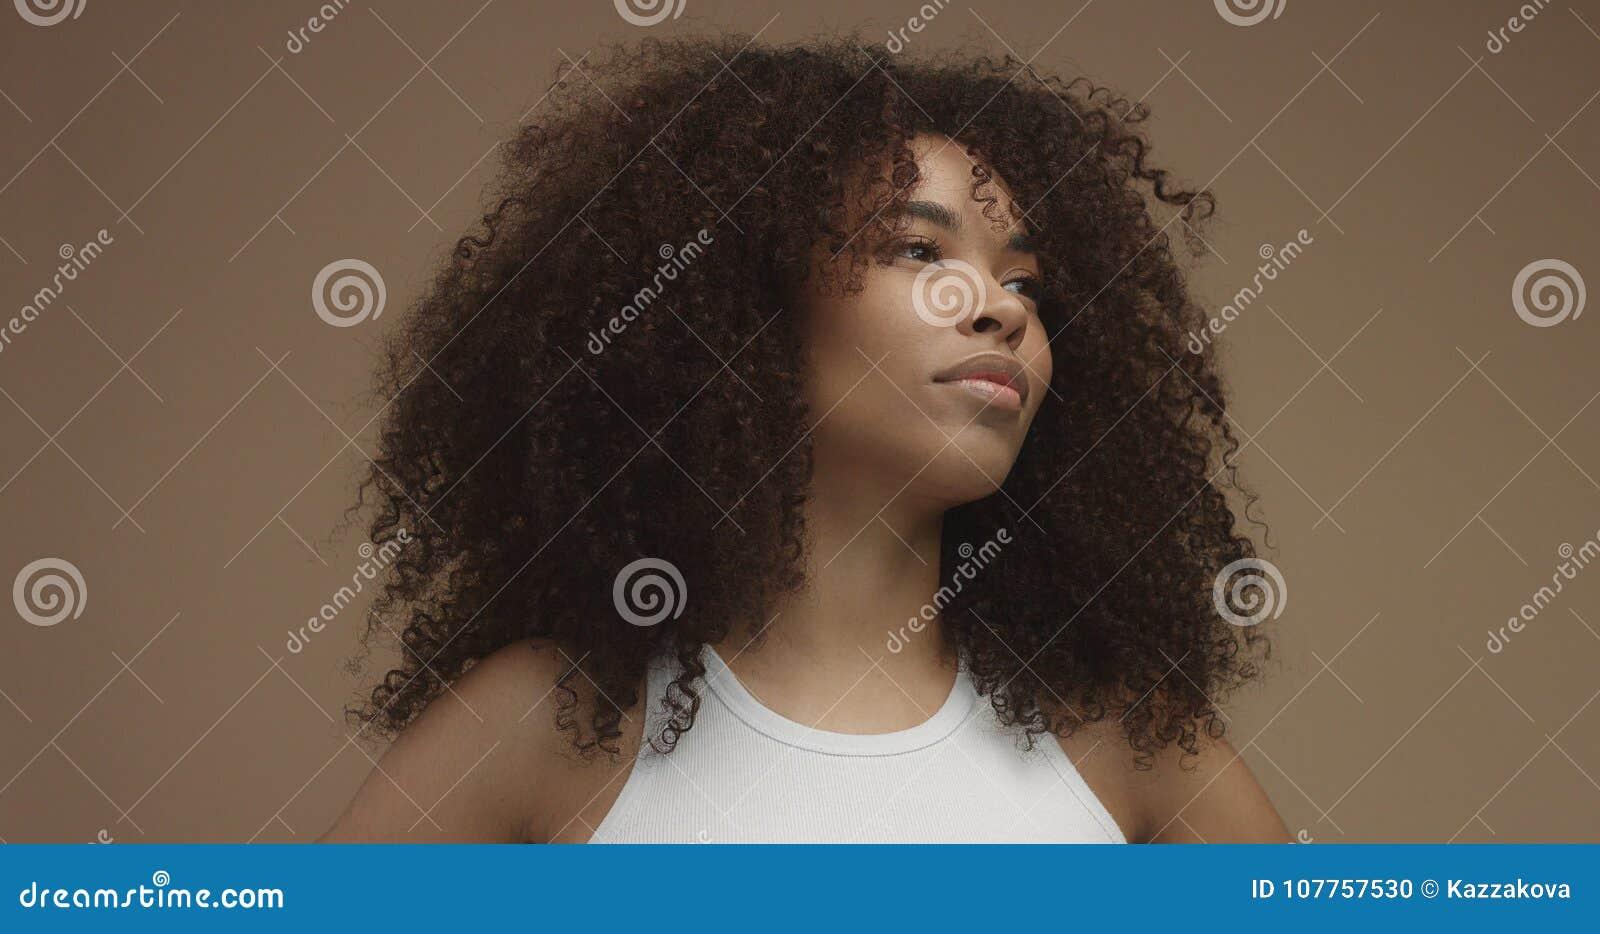 Portrait de femme de couleur de métis avec de grands cheveux Afro, cheveux bouclés